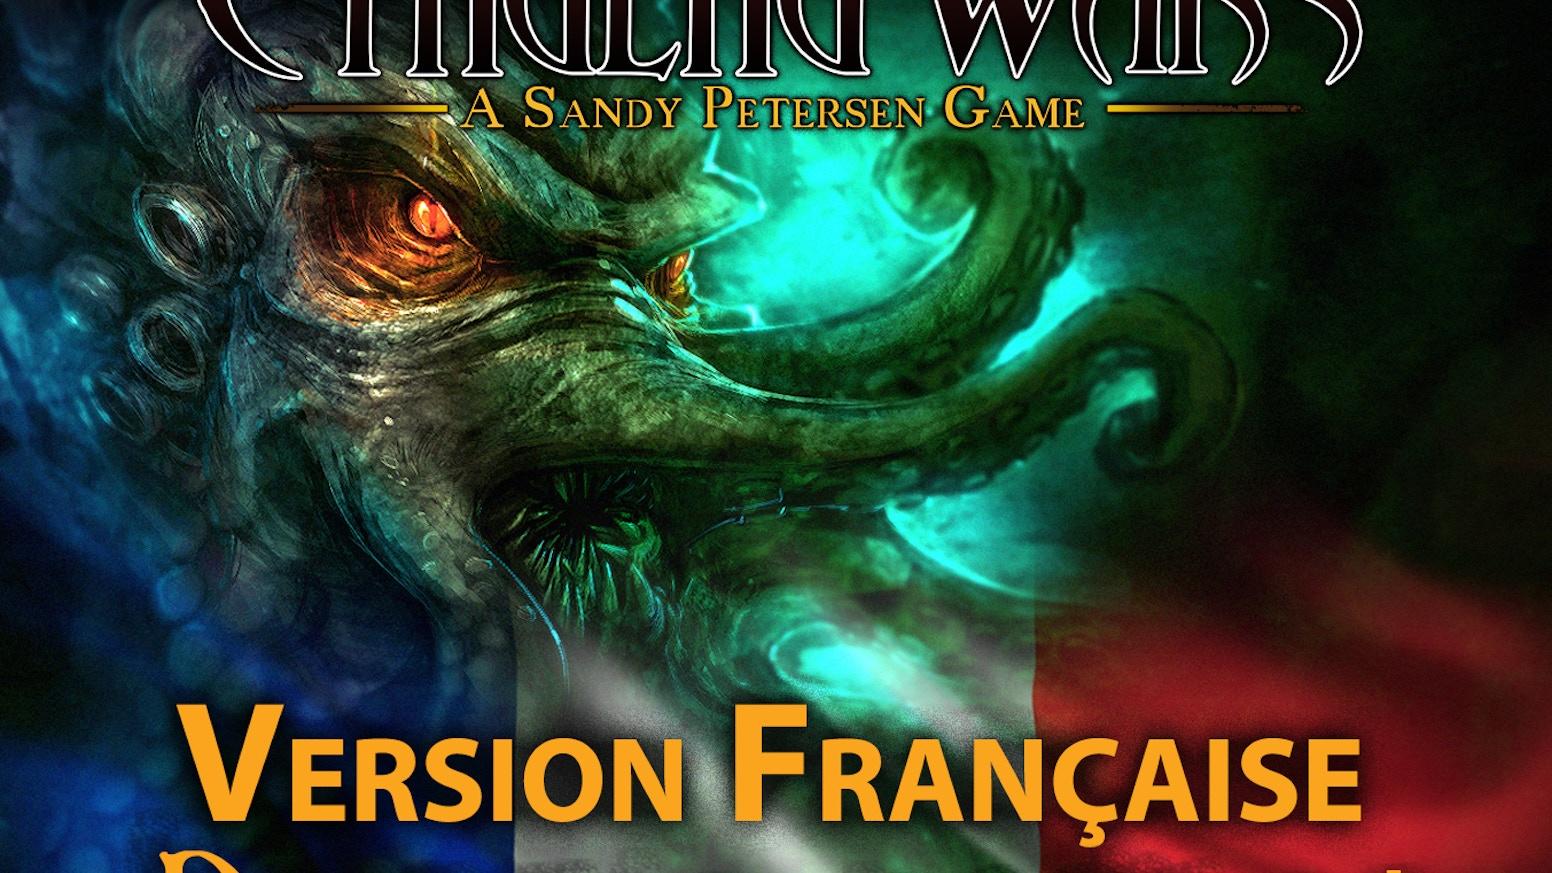 Cthulhu Wars est le jeu de stratégie, tiré de l'oeuvre de Lovecraft, par Sandy Petersen, le père du Jeu de Rôle l'Appel de Cthulhu